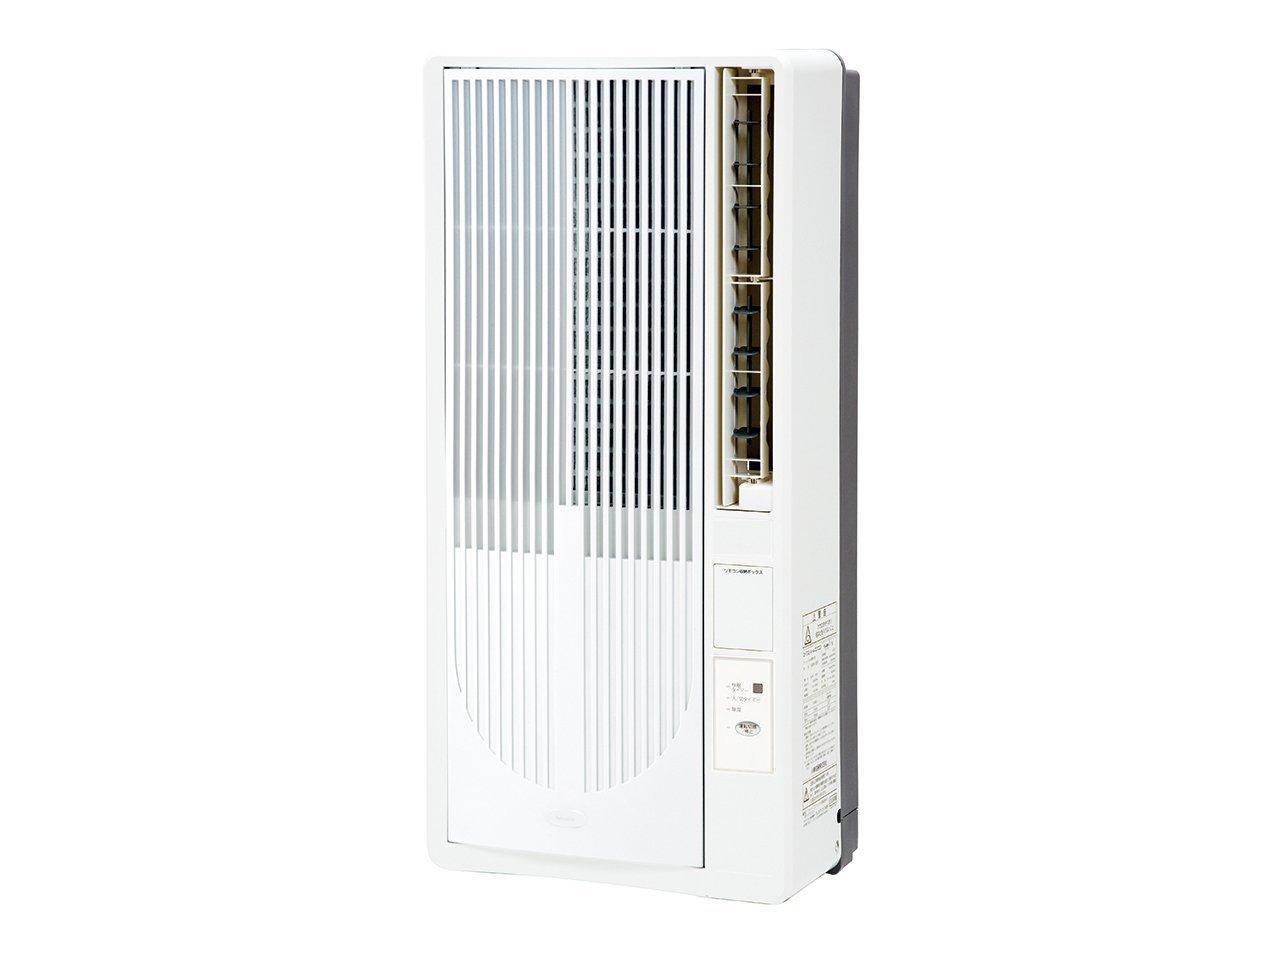 窓用エアコンのおすすめ10選!冷暖房兼用タイプも【2019年版】